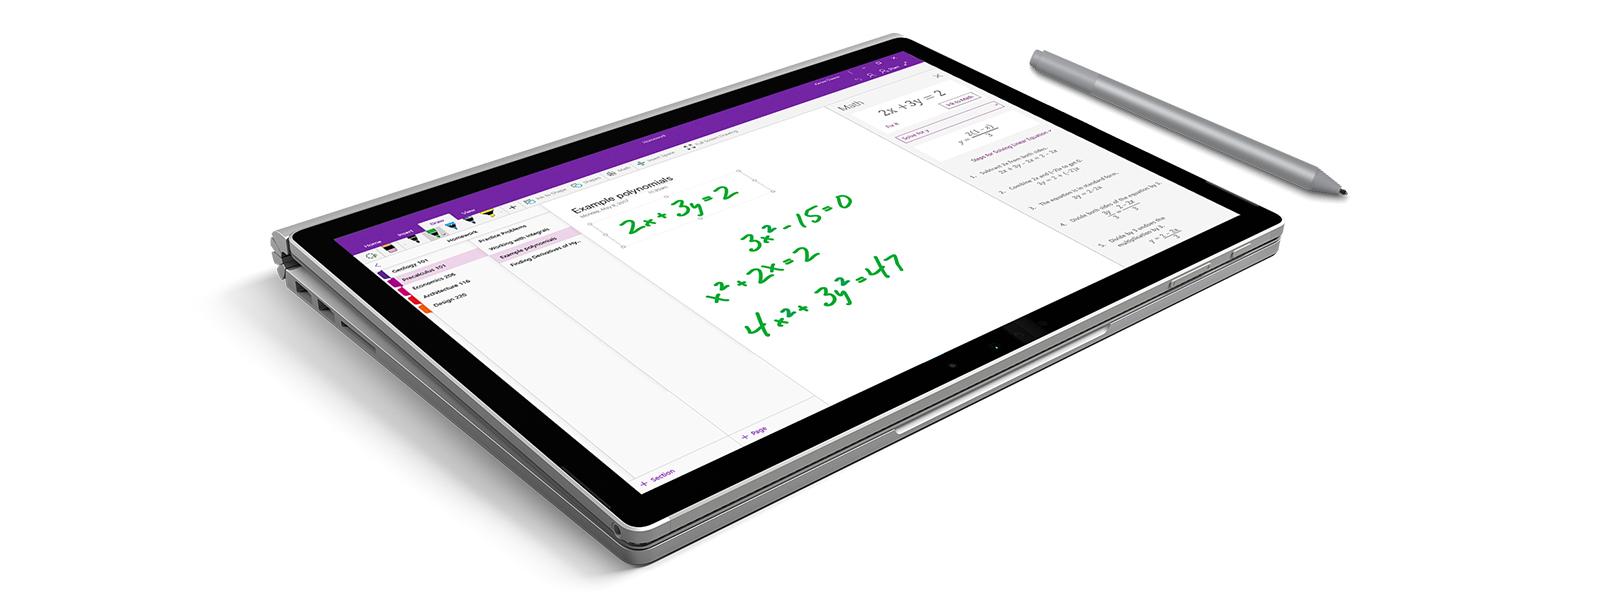 OneNote-skærmbillede, der viser Ink Math Assistant